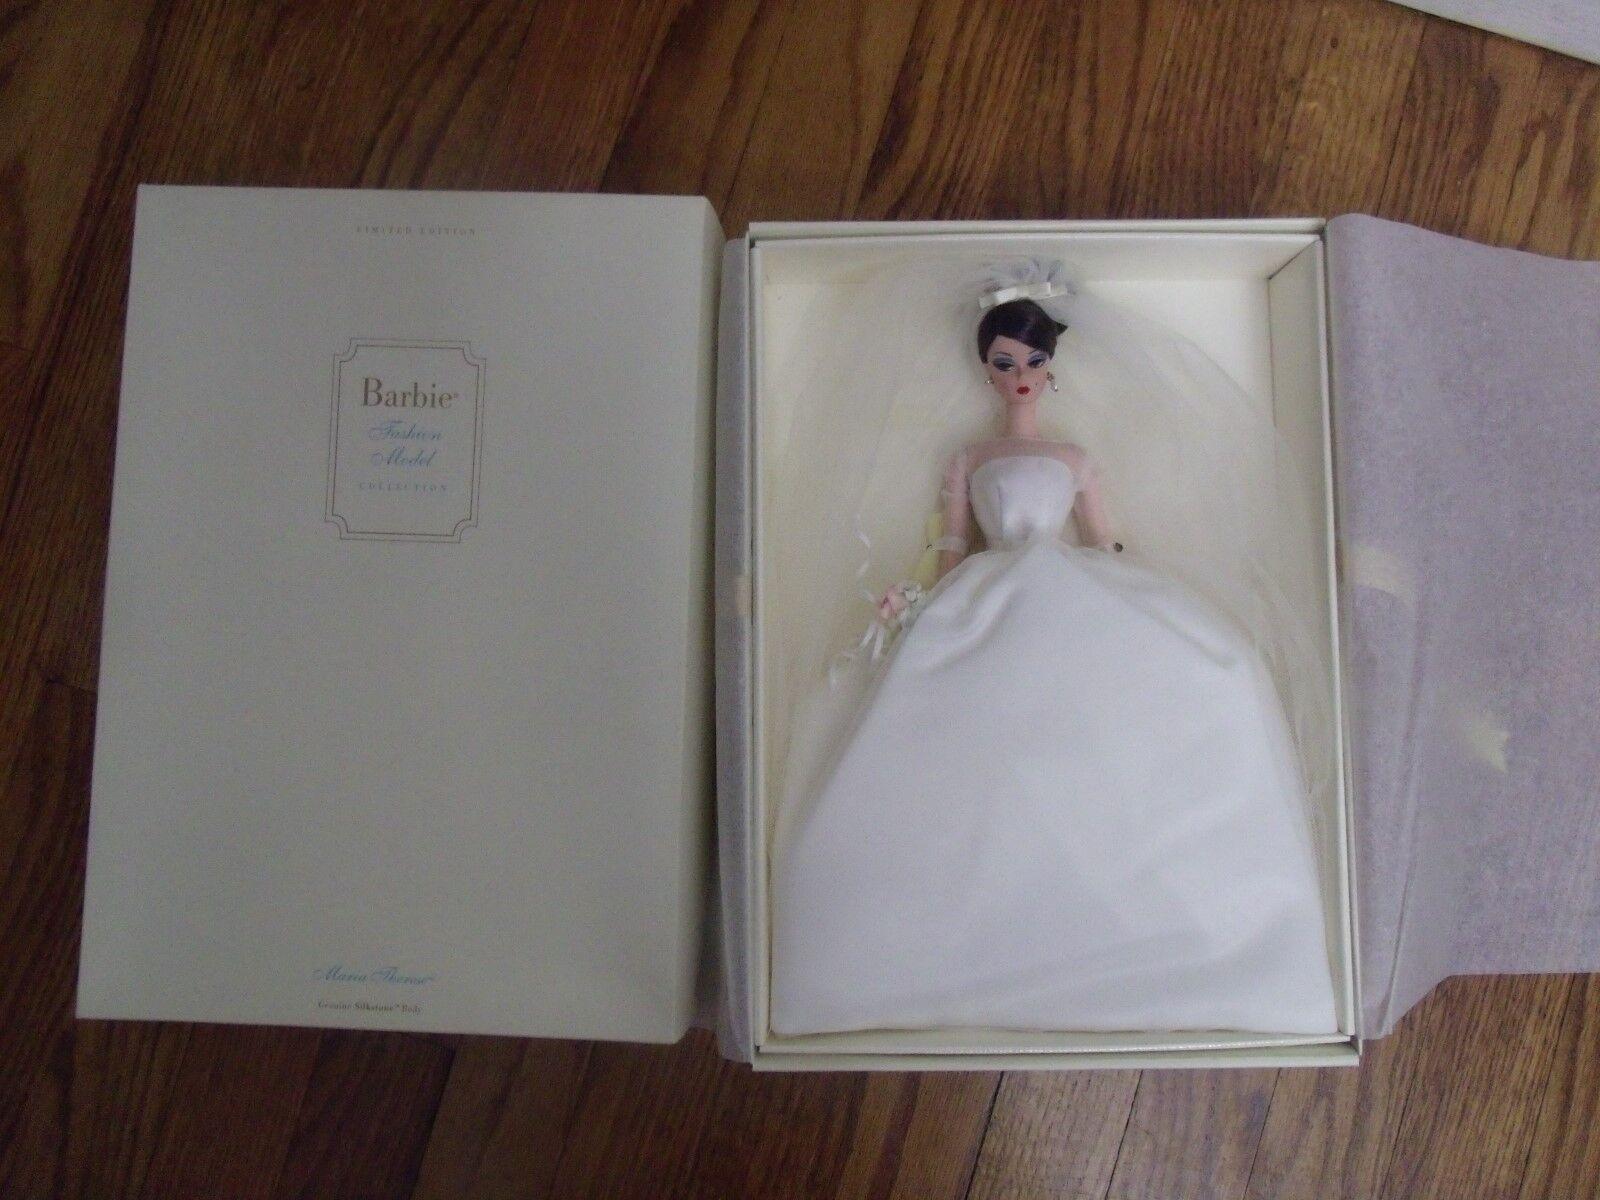 Maria Therese Hochzeit Braut Silkstone Barbie 2001 Limitierte Auflage